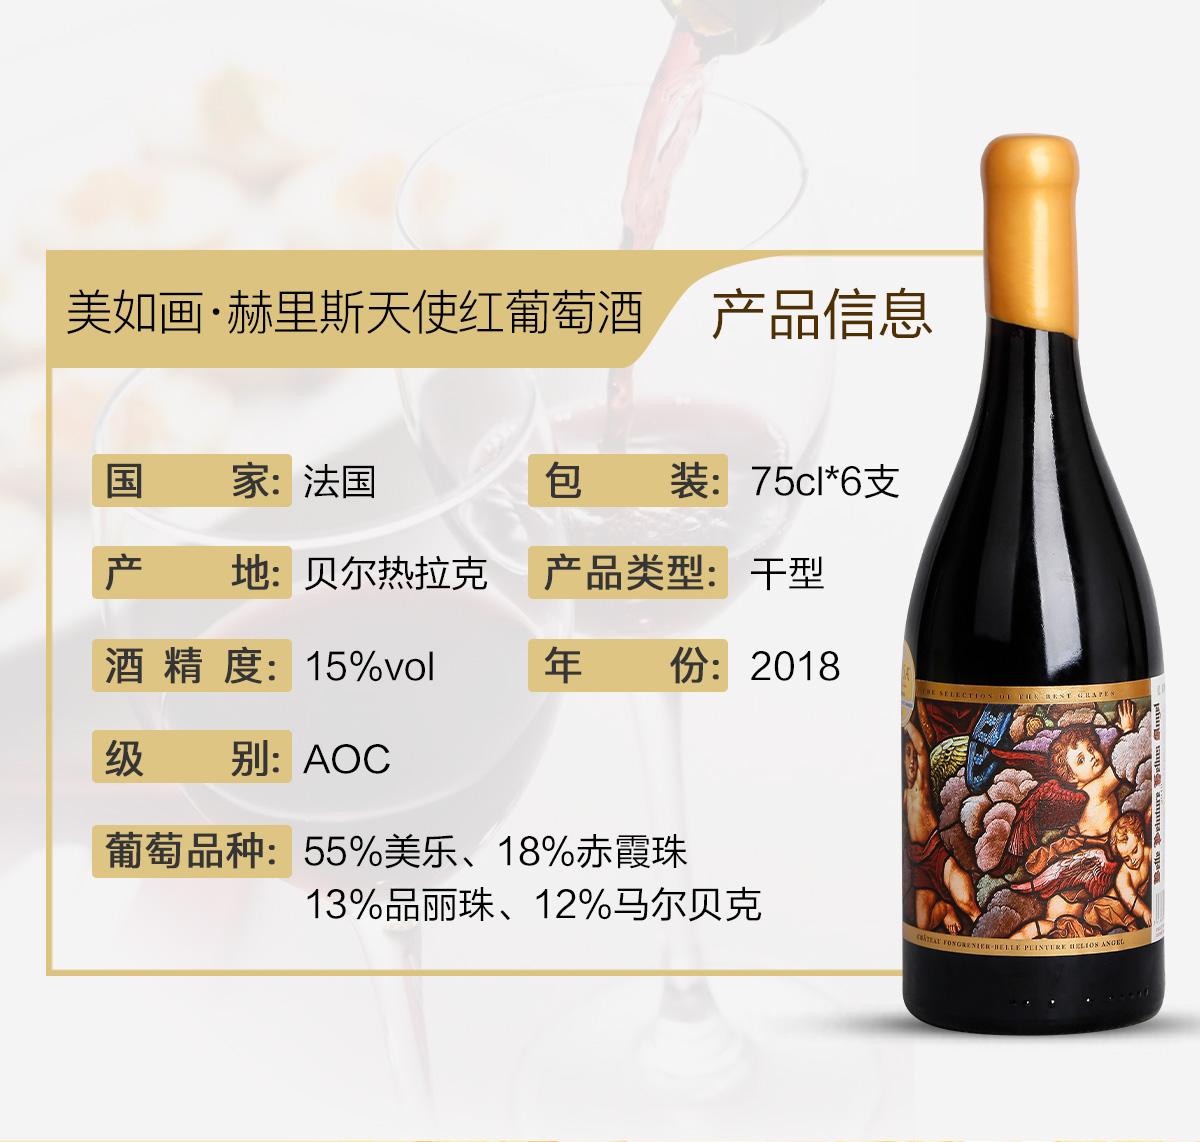 美如画·赫里斯天使红葡萄酒2018